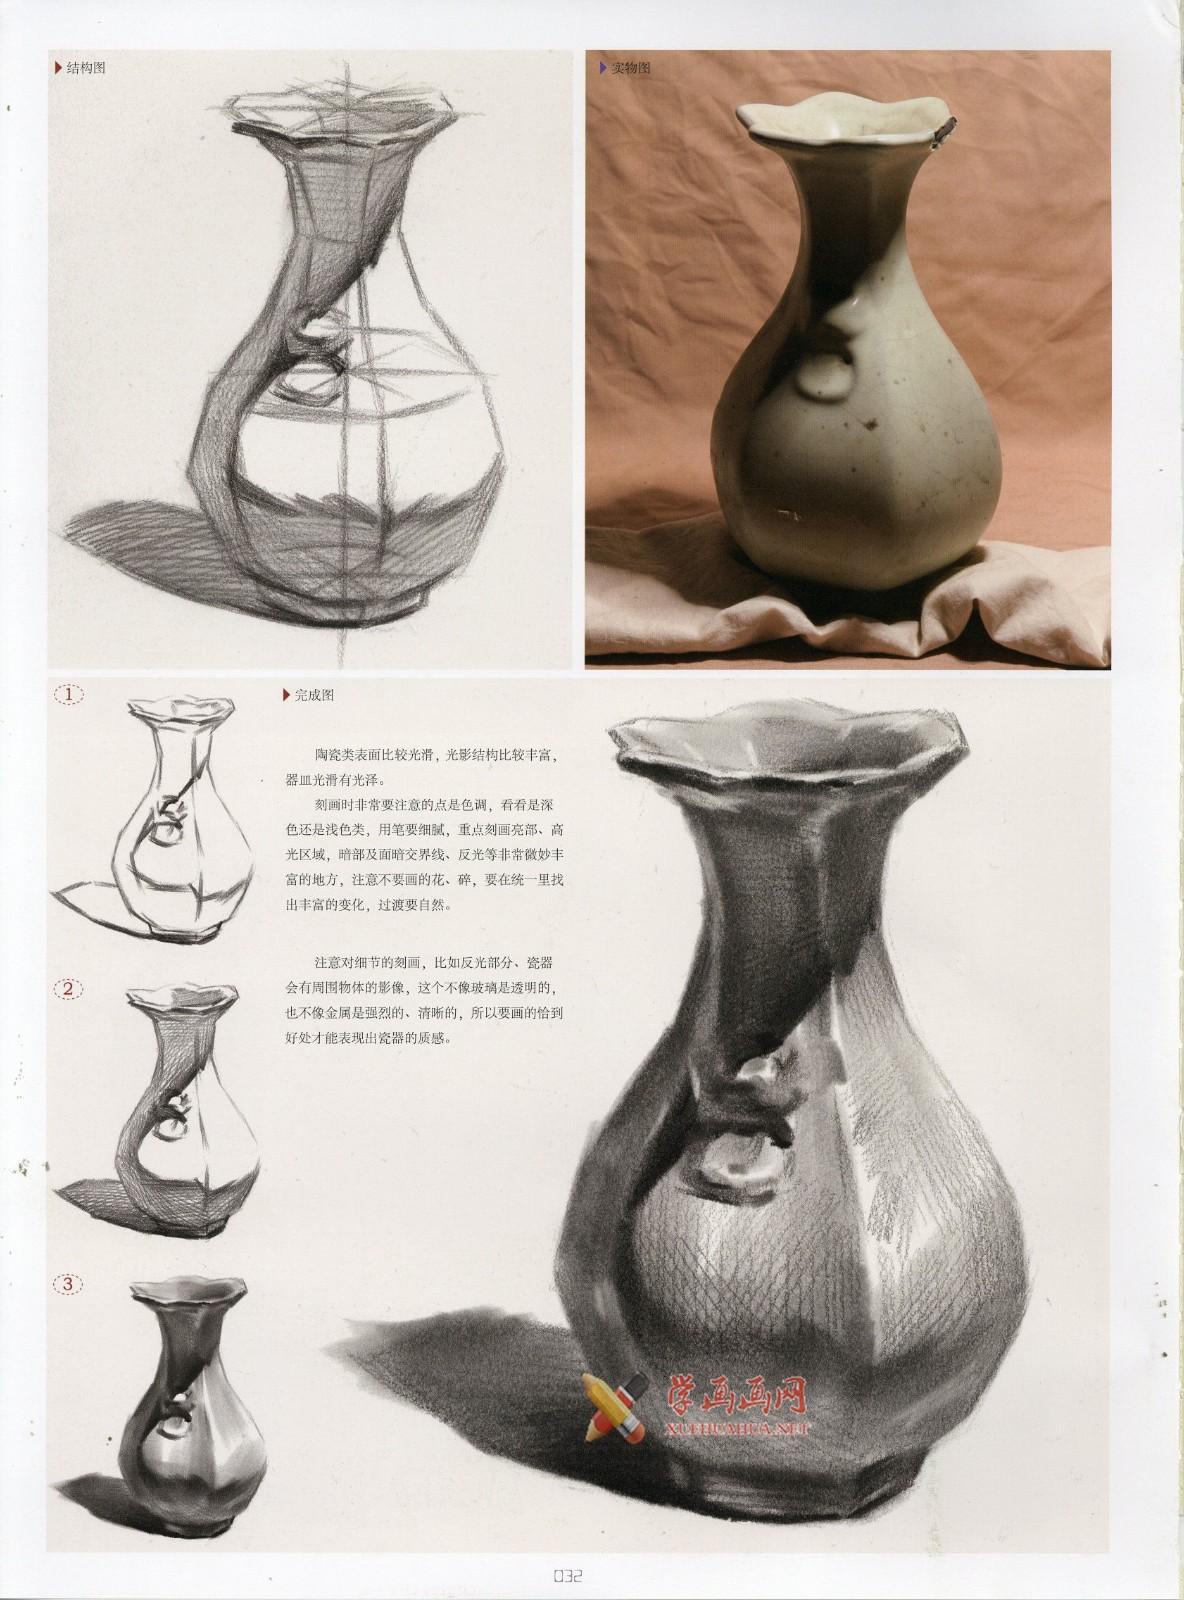 素描陶罐、陶瓷类静物画法图解及临摹范画图片(5)